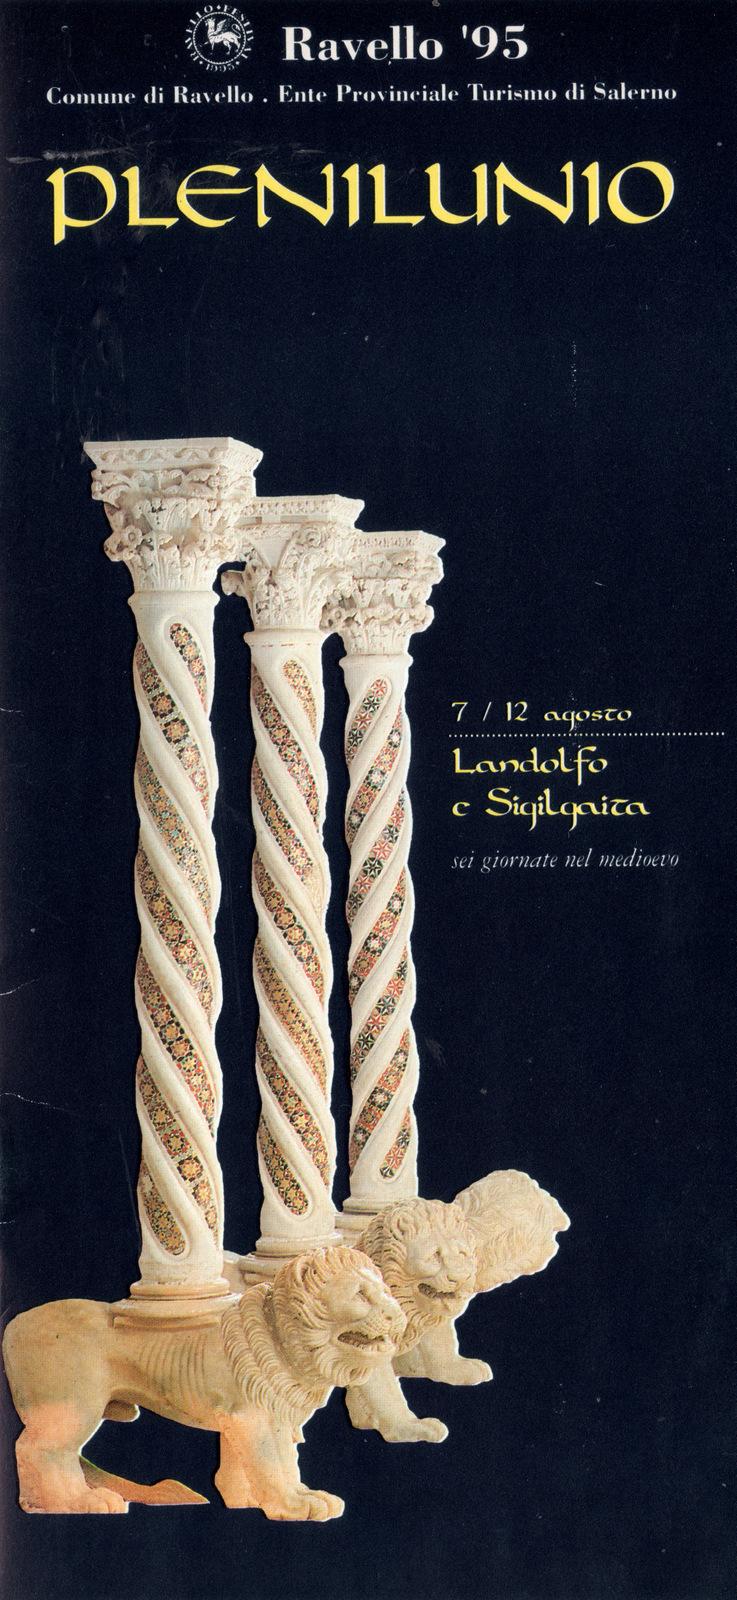 Plenilunio, 1995